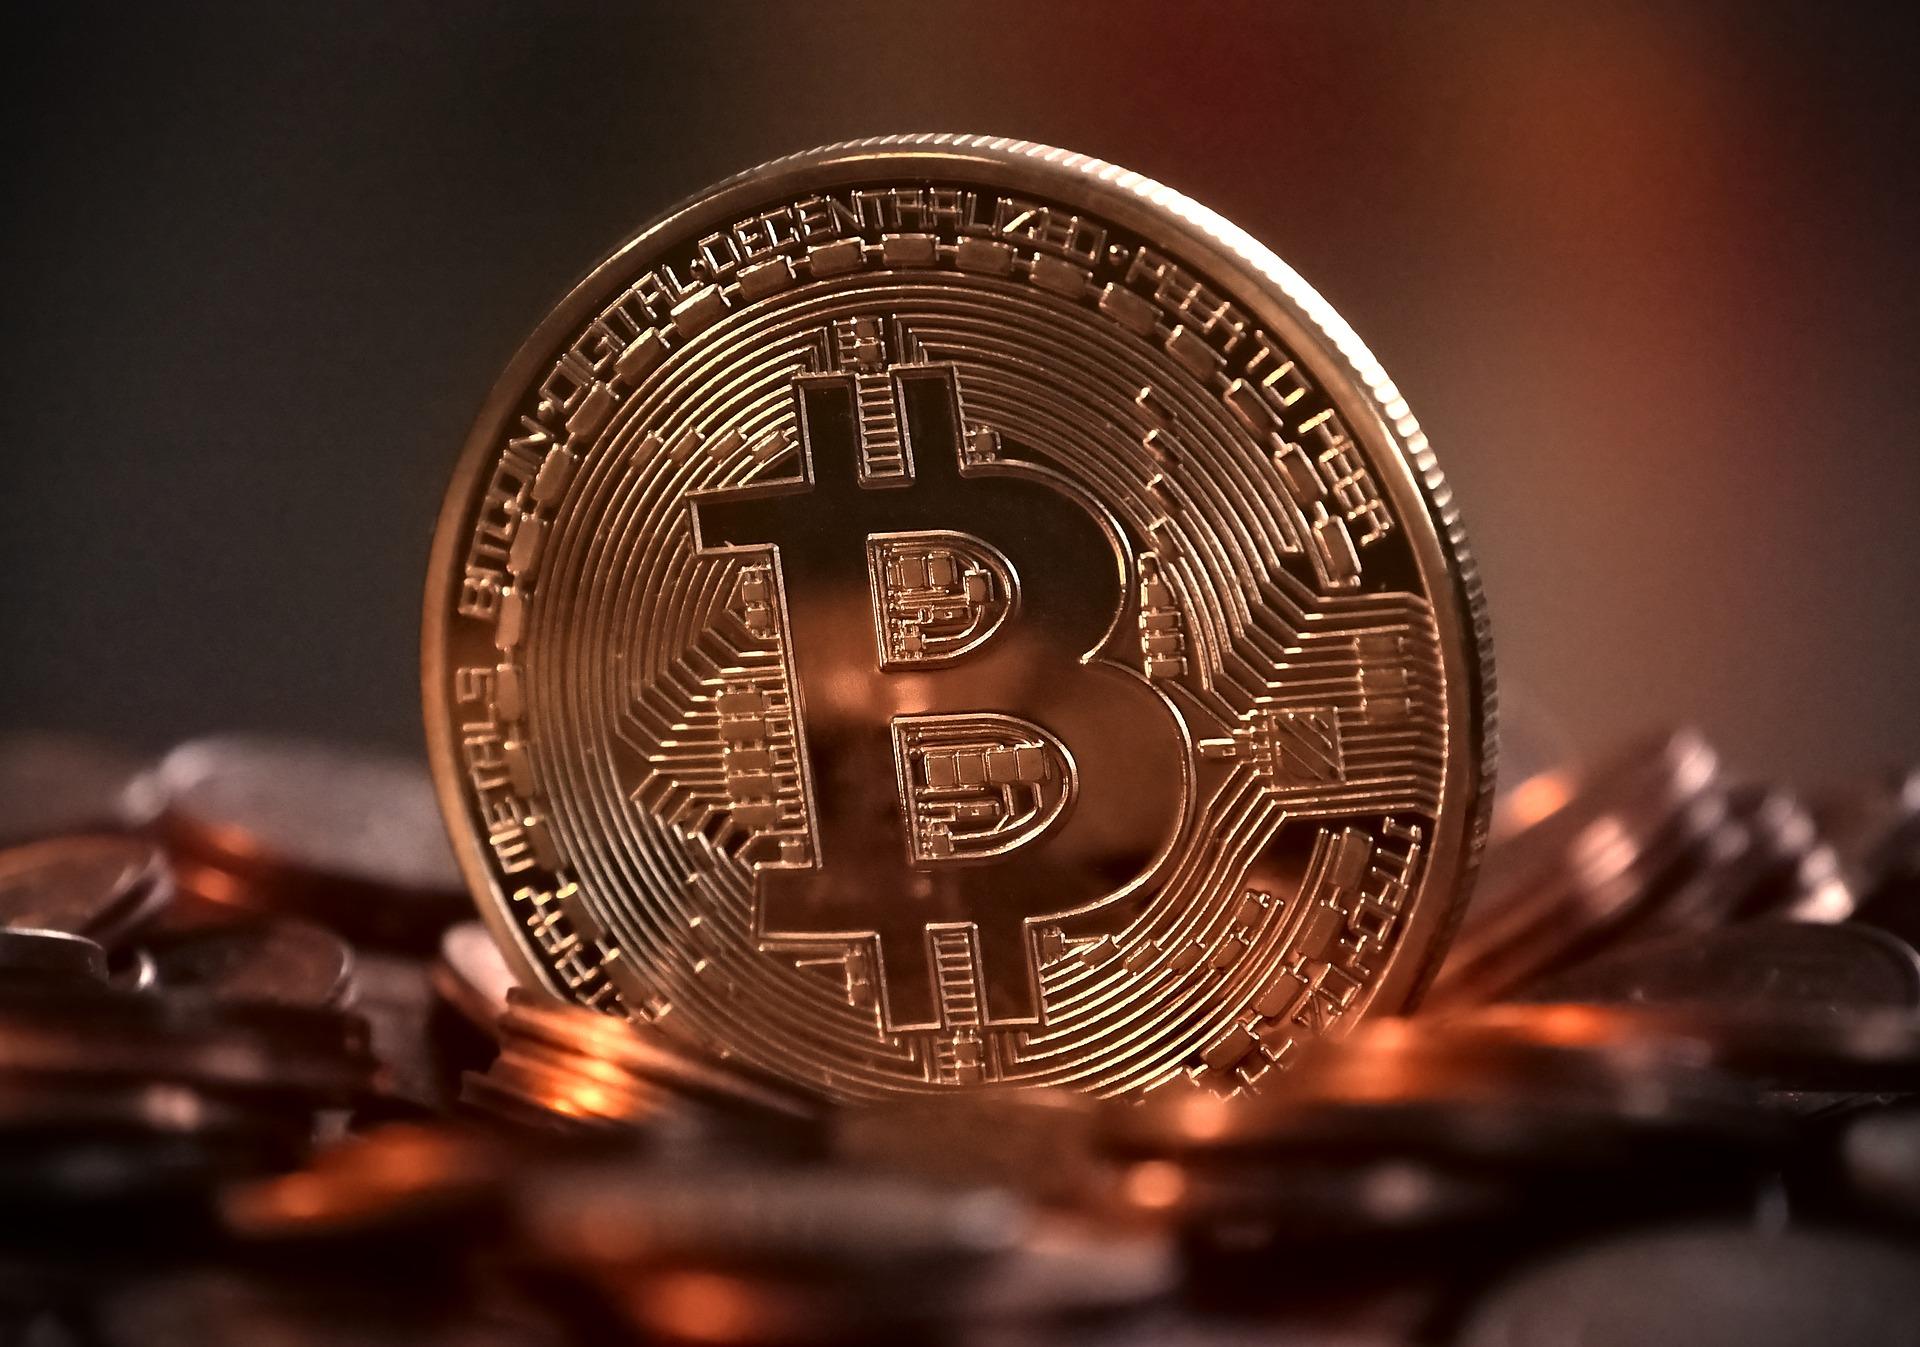 Bitcoin sufre otra pérdida de valor y se ubica por debajo de los 10 mil dólares